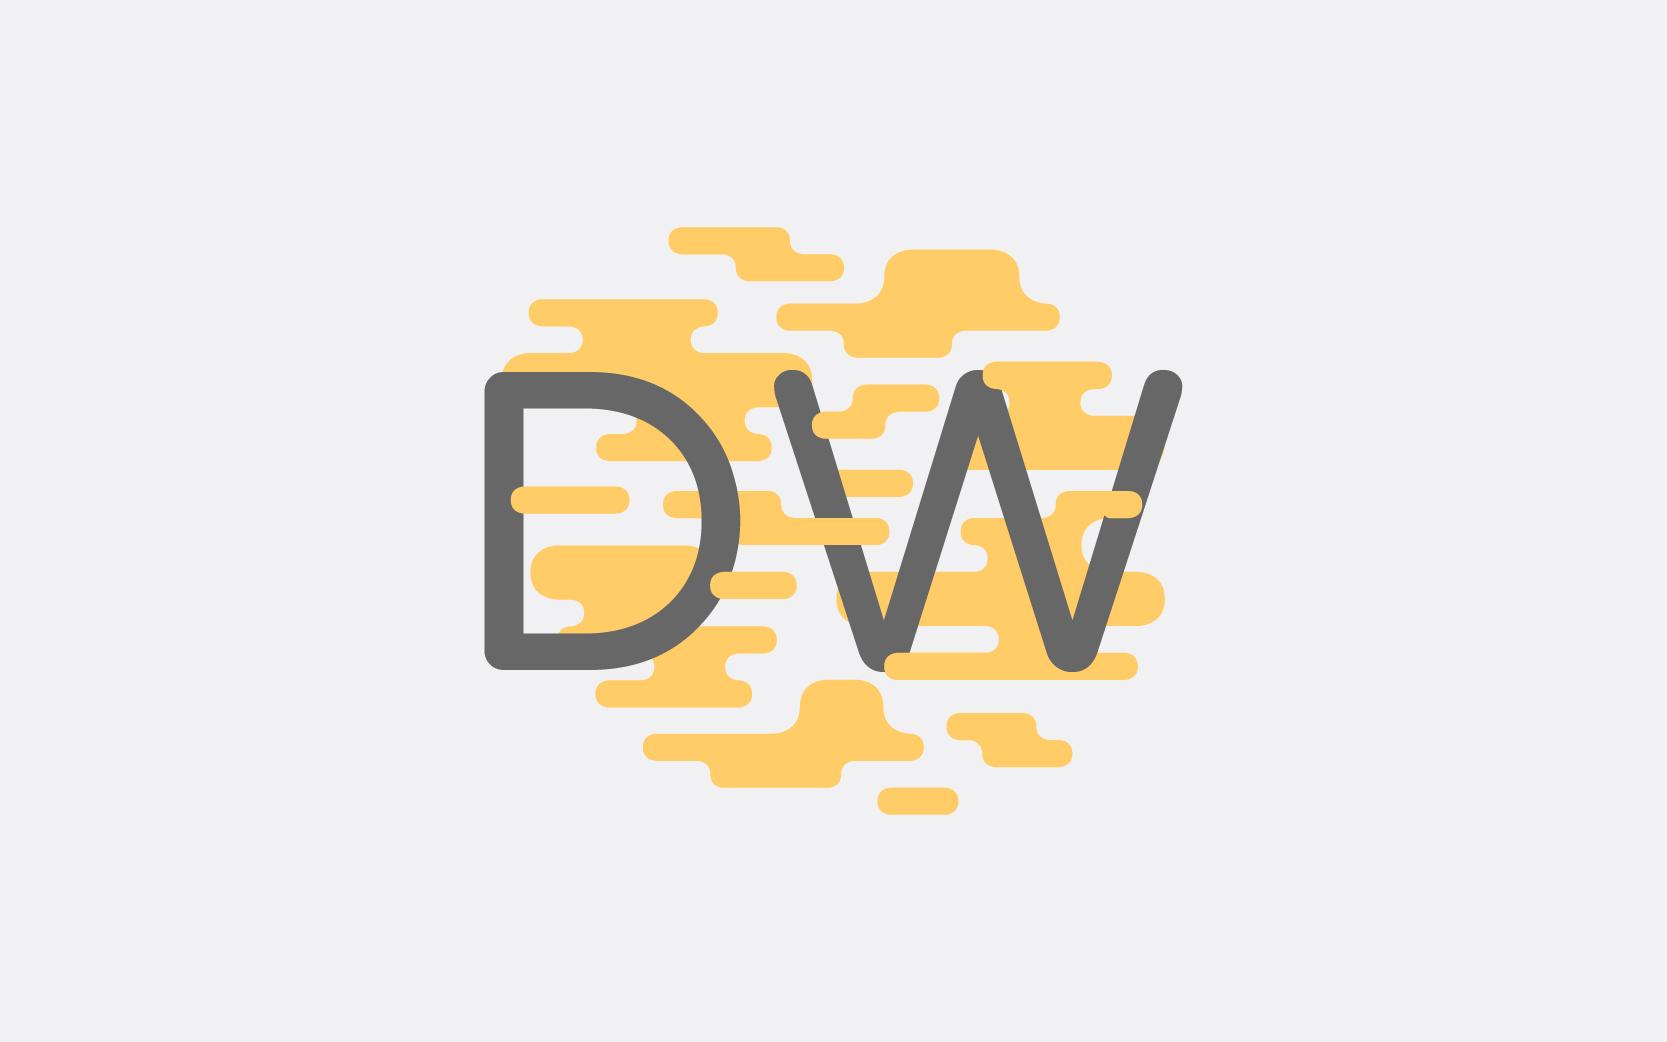 DW_icon_large-01.jpg